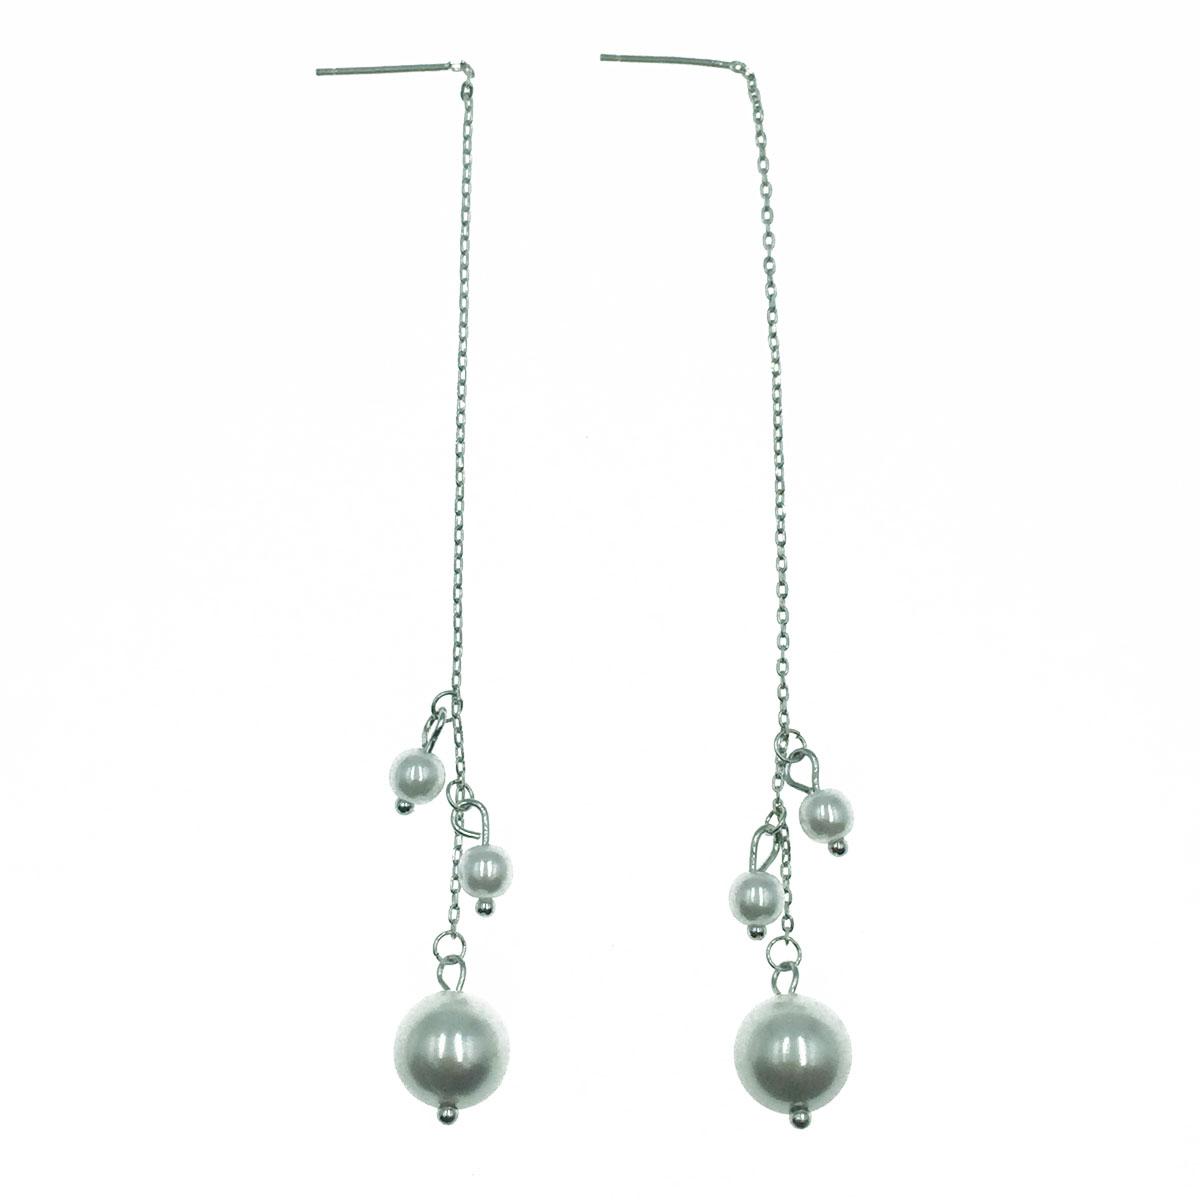 韓國 925純銀 大小珍珠 氣質垂墜感耳針式耳環